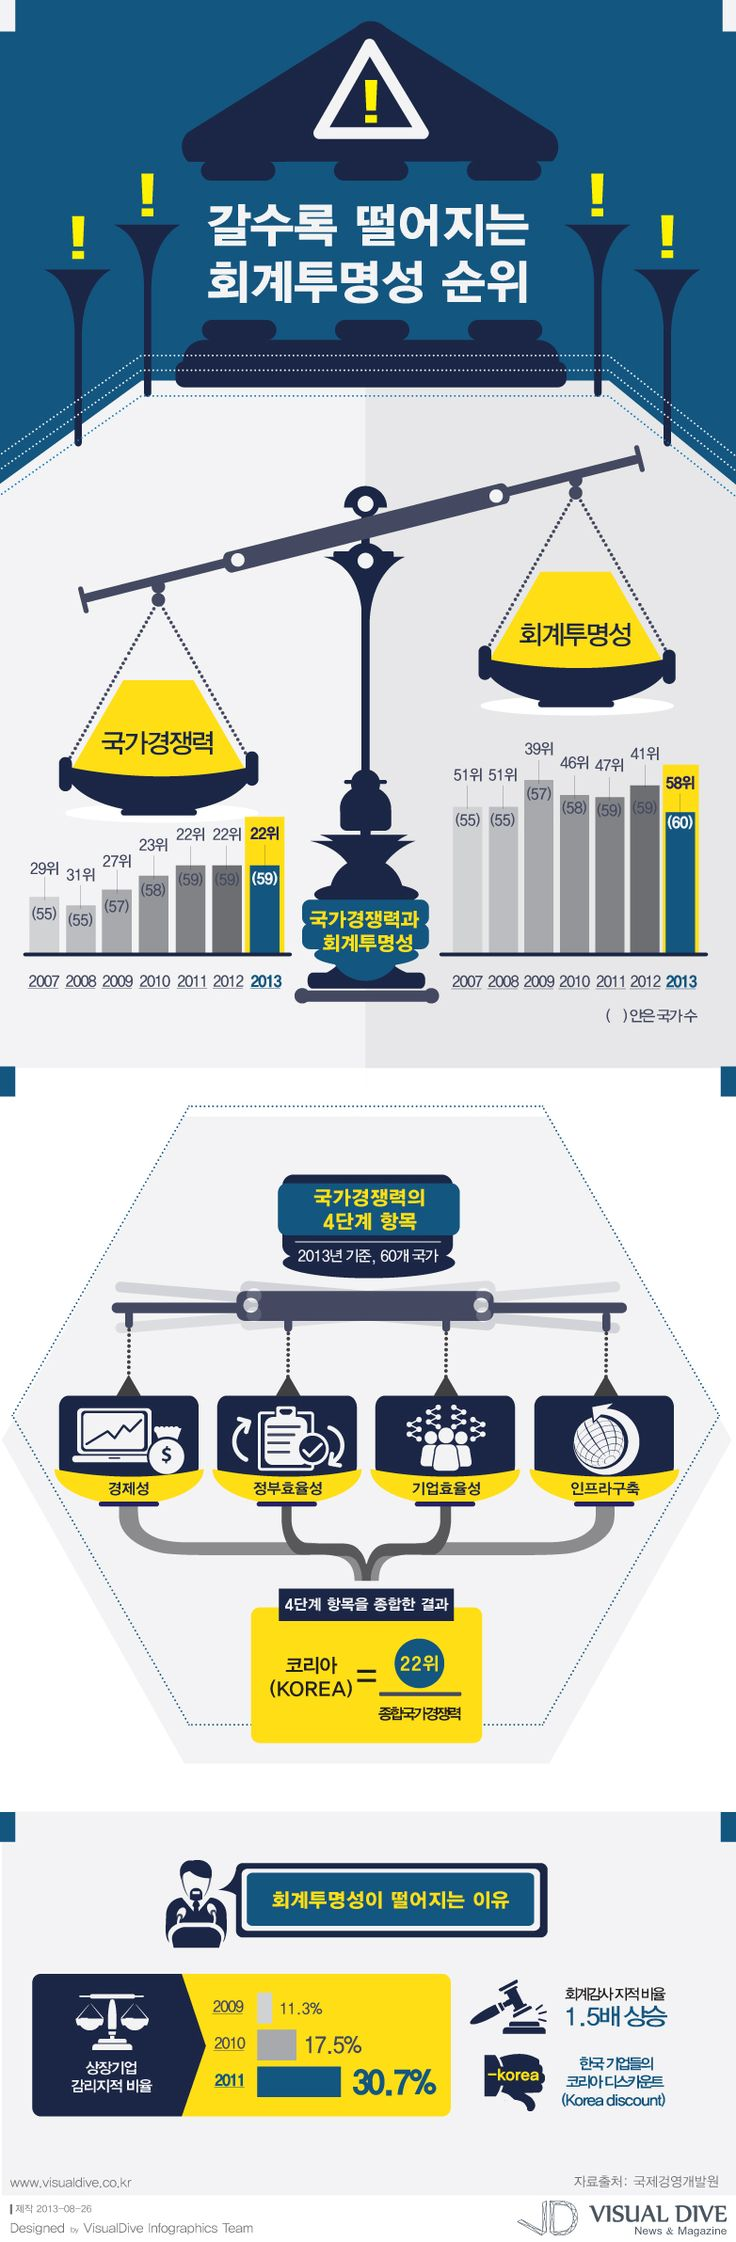 """[인포그래픽] 국가경쟁력은 높은데, 회계투명성은 점점 불투명... """"accounting / Infographic"""" ⓒ 비주얼다이브 무단 복사·전재·재배포 금지"""